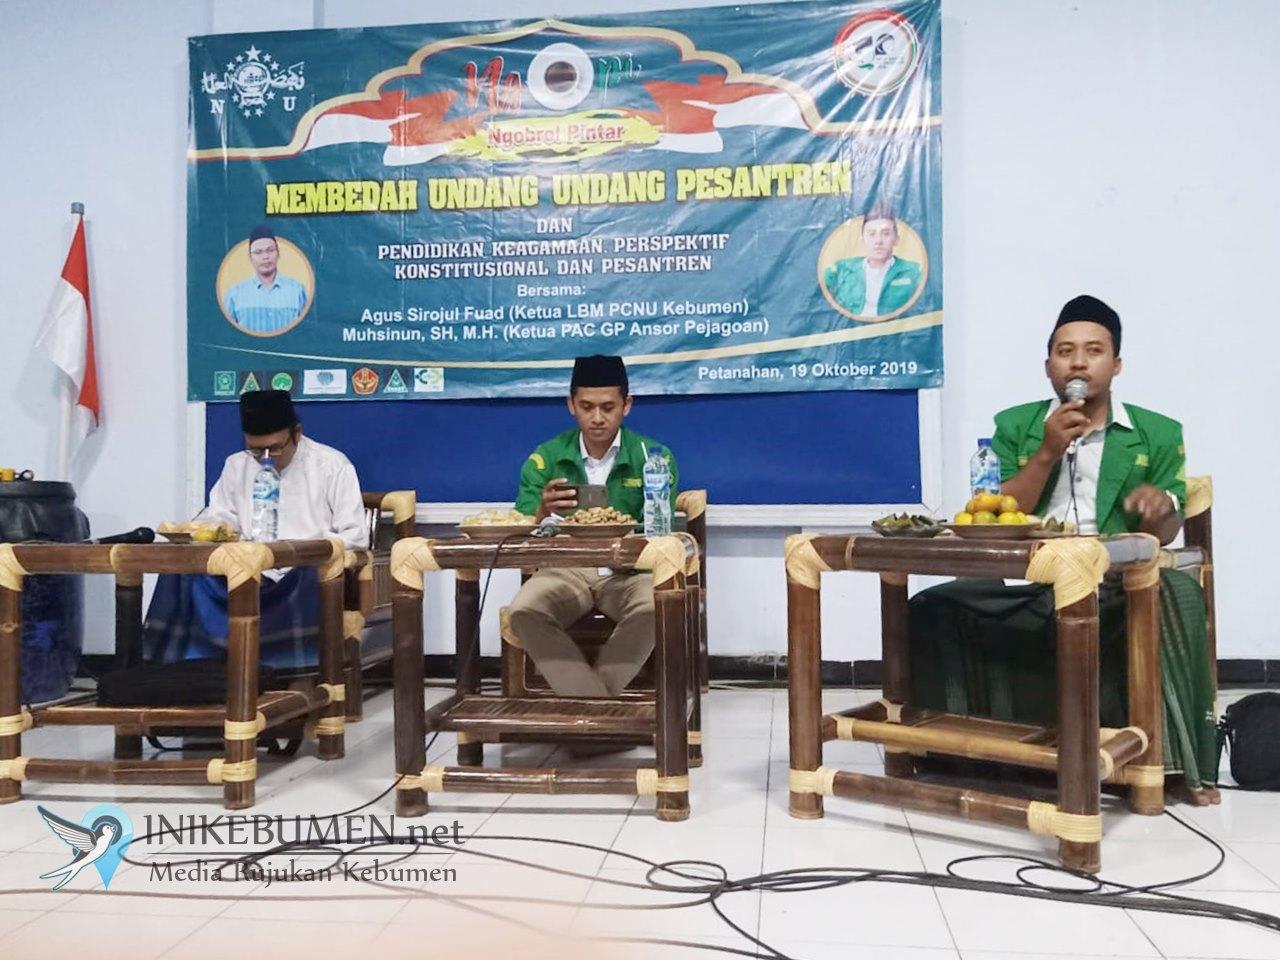 Ansor Petanahan Desak Bupati dan DPRD Kebumen Segera Susun Perda Pesantren